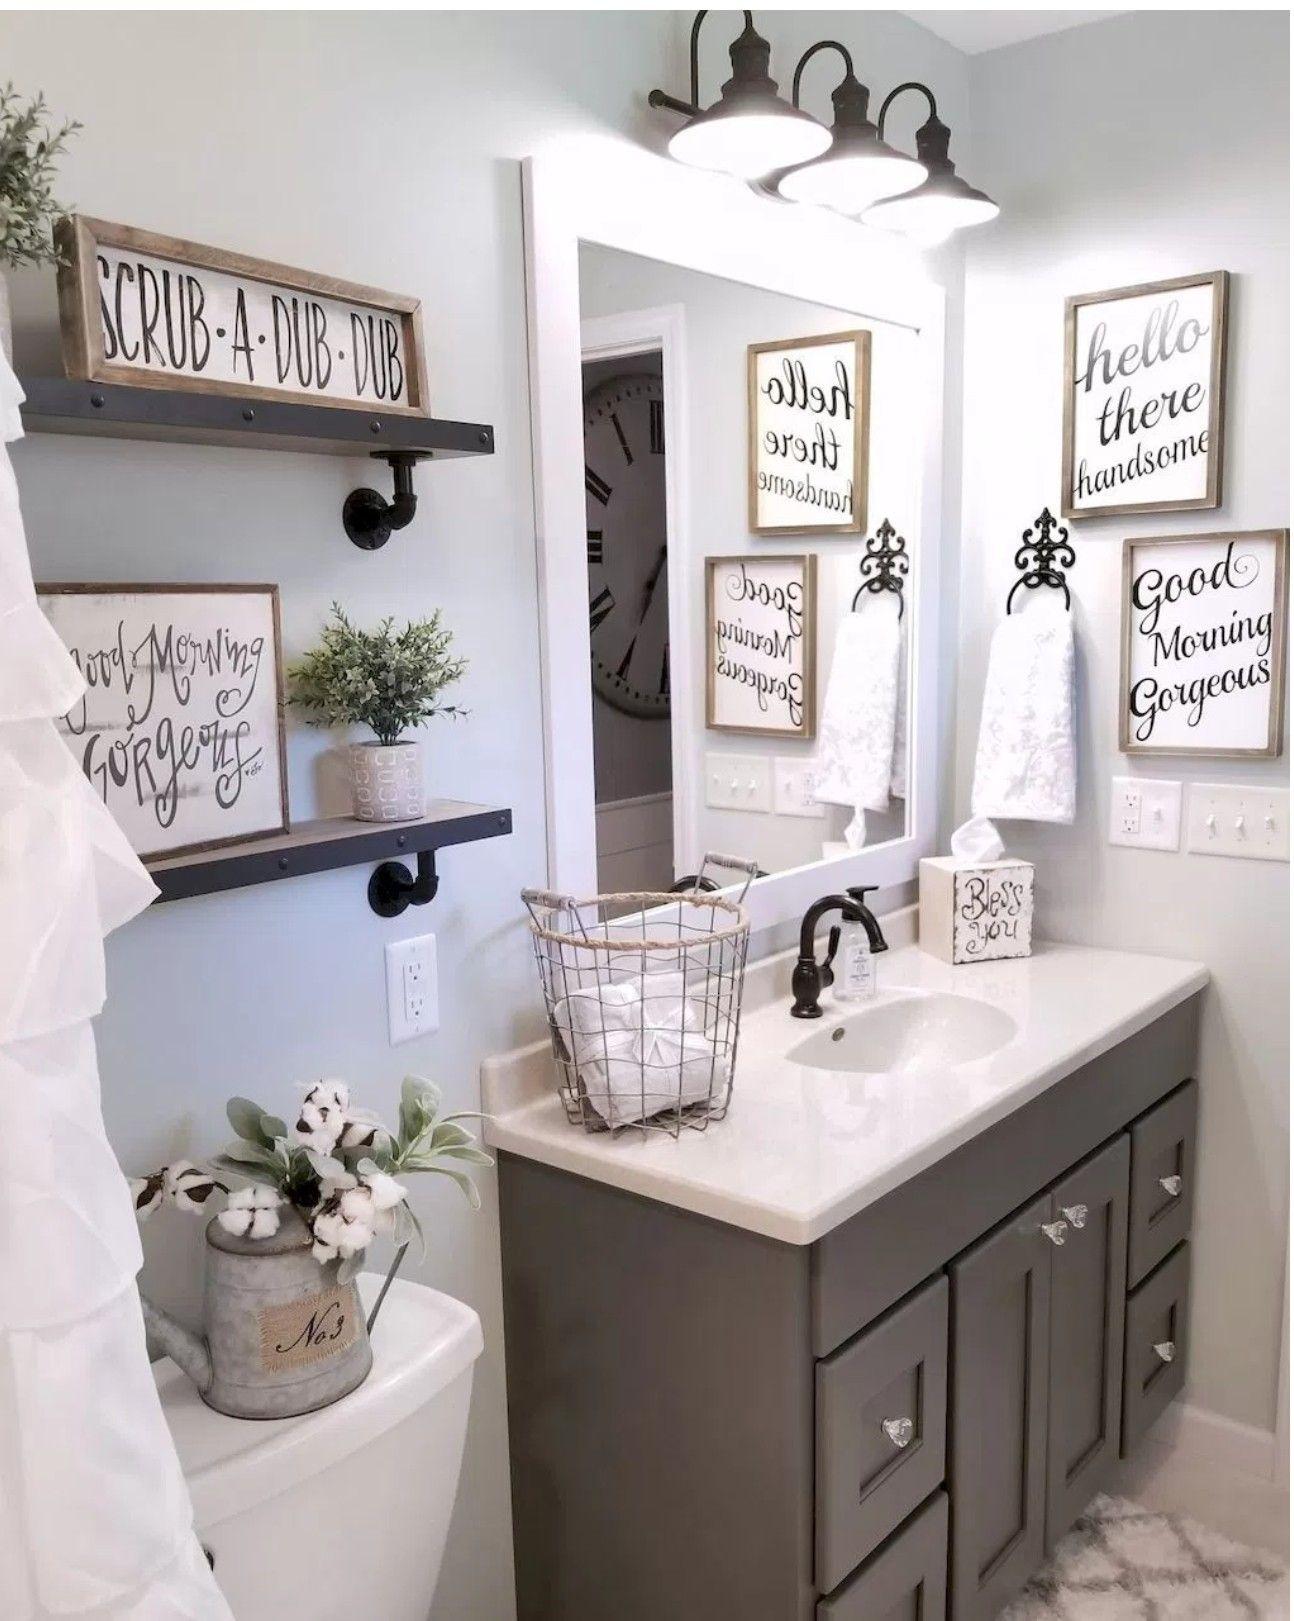 Badezimmer einmachglas ideen pin von anica rudolph auf bad  pinterest  badezimmer dekoration